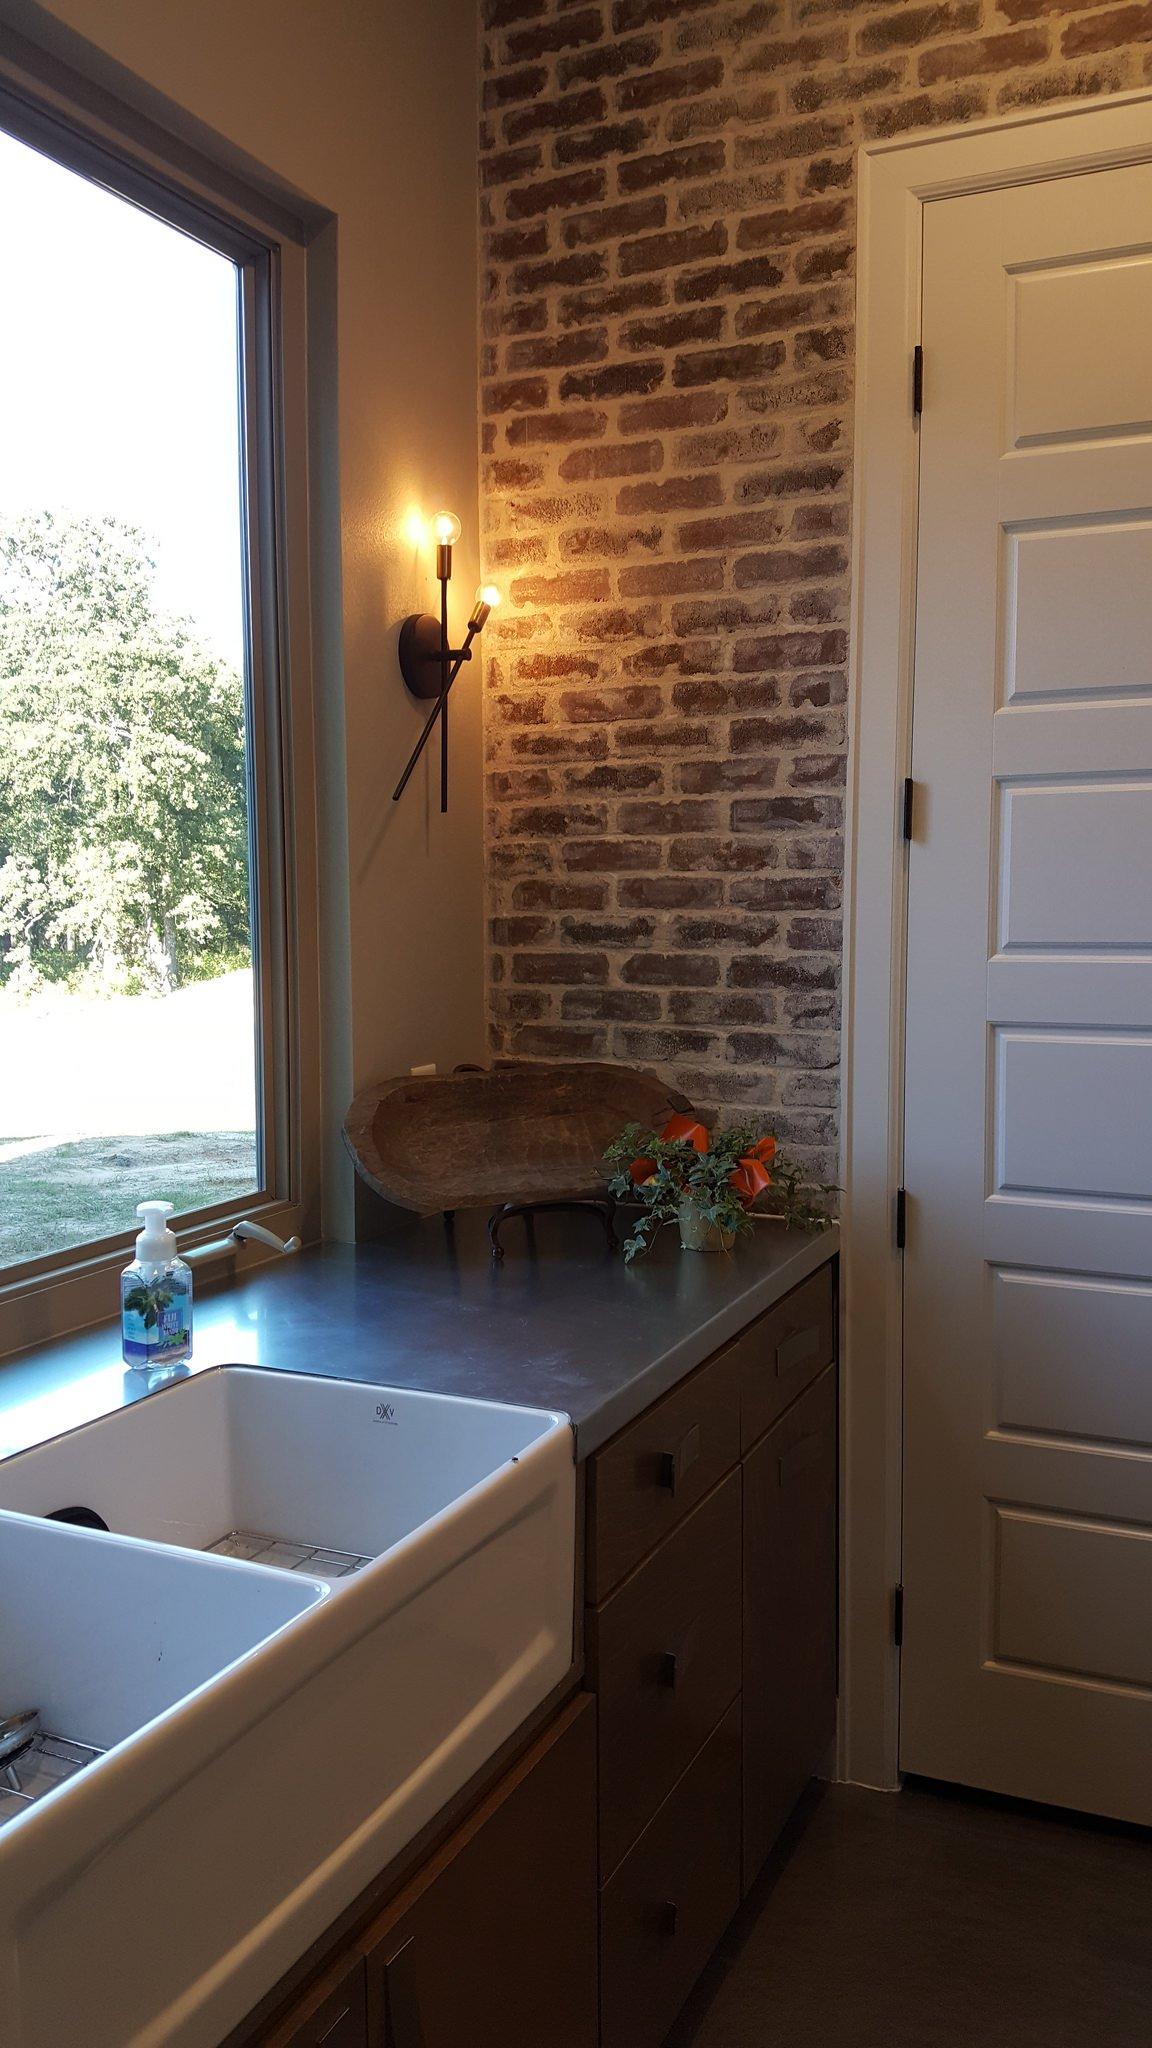 Jk Hatcher Homes - Hall Job Project